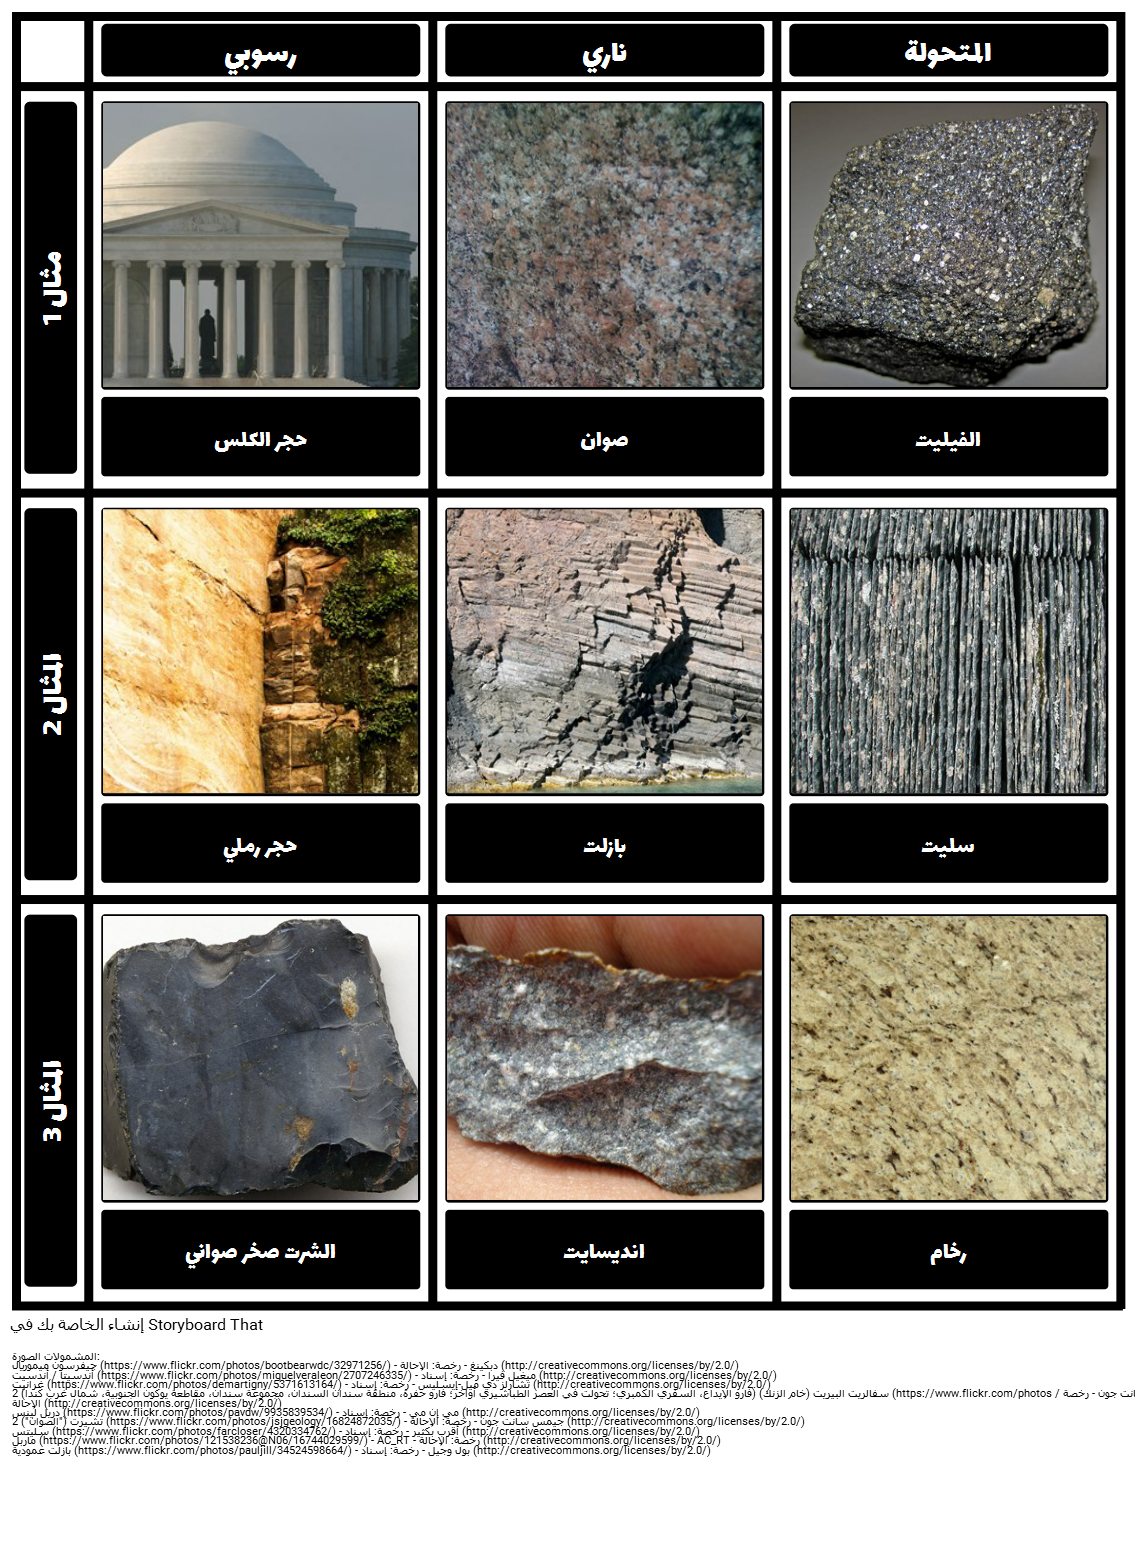 أنواع الصخور Storyboard By Ar Examples